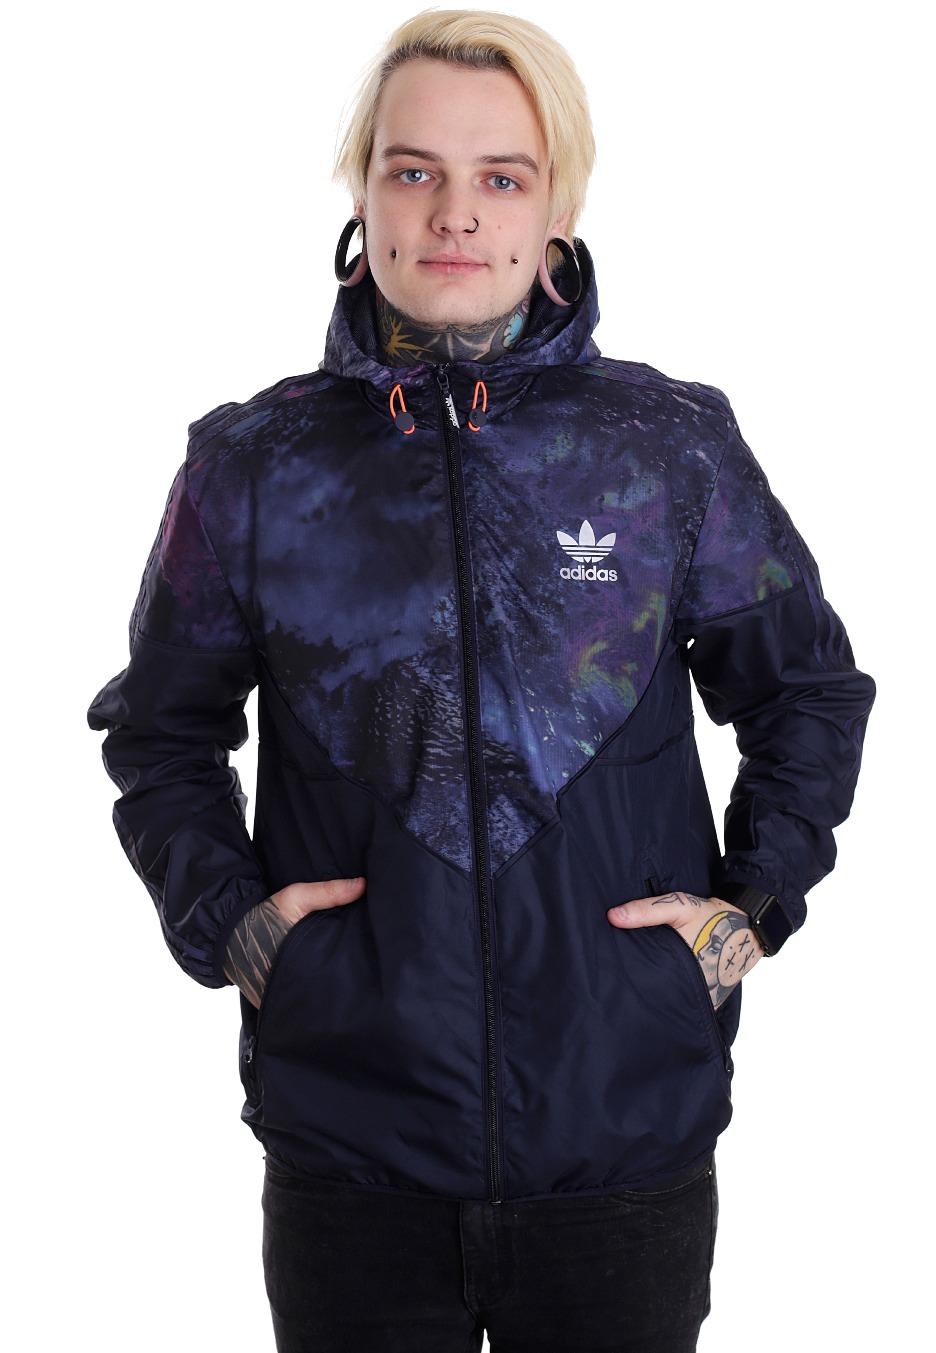 Adidas - Colorado WB Run Legend Ink - Bunda - Streetwear obchod -  Impericon.com CZ SK c3613545ffe